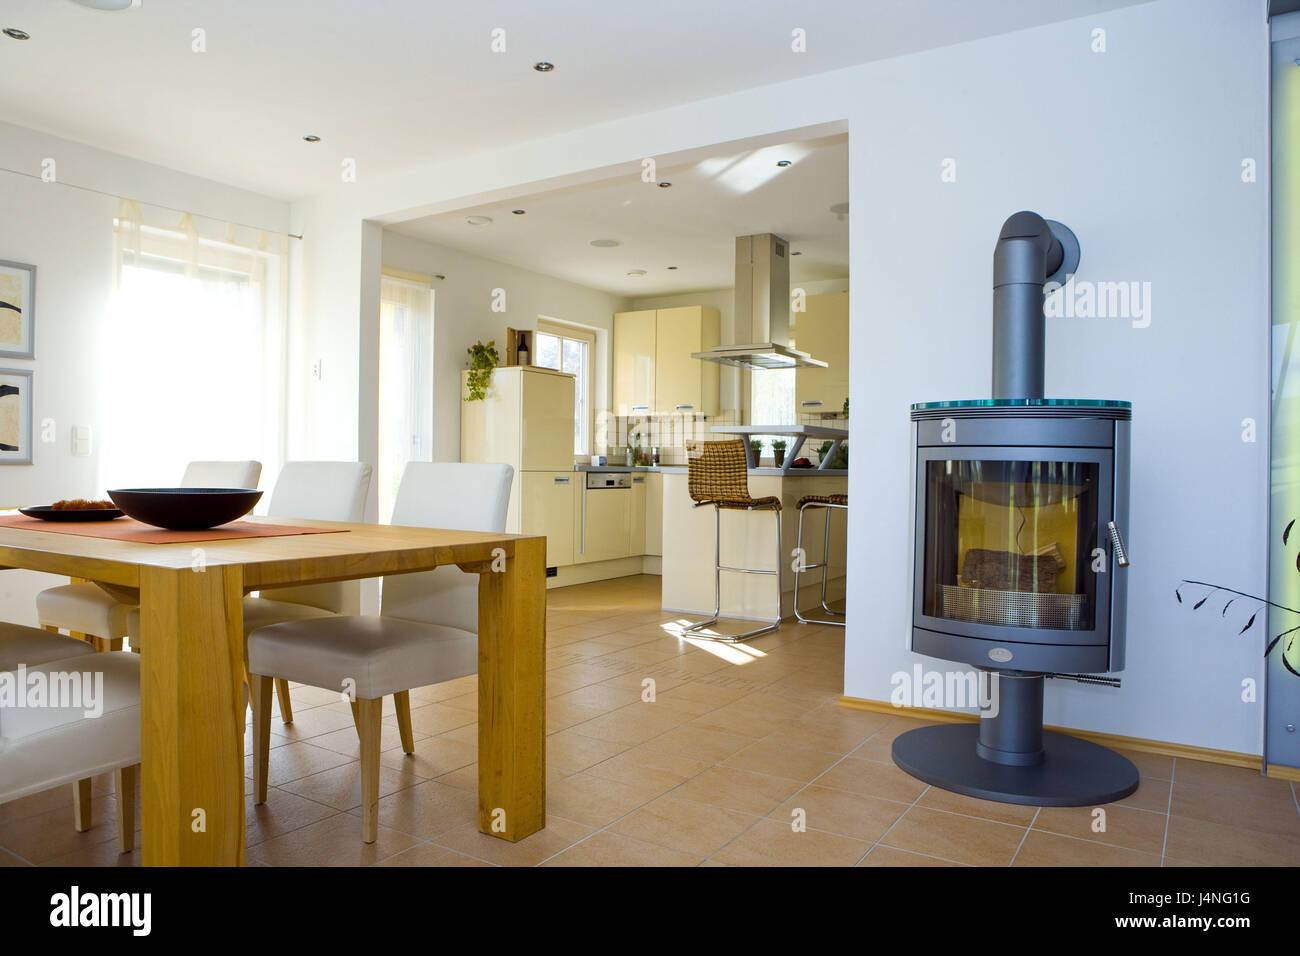 Wohnzimmer Esstisch Quadratisch Schweden Ofen Stockfoto Bild